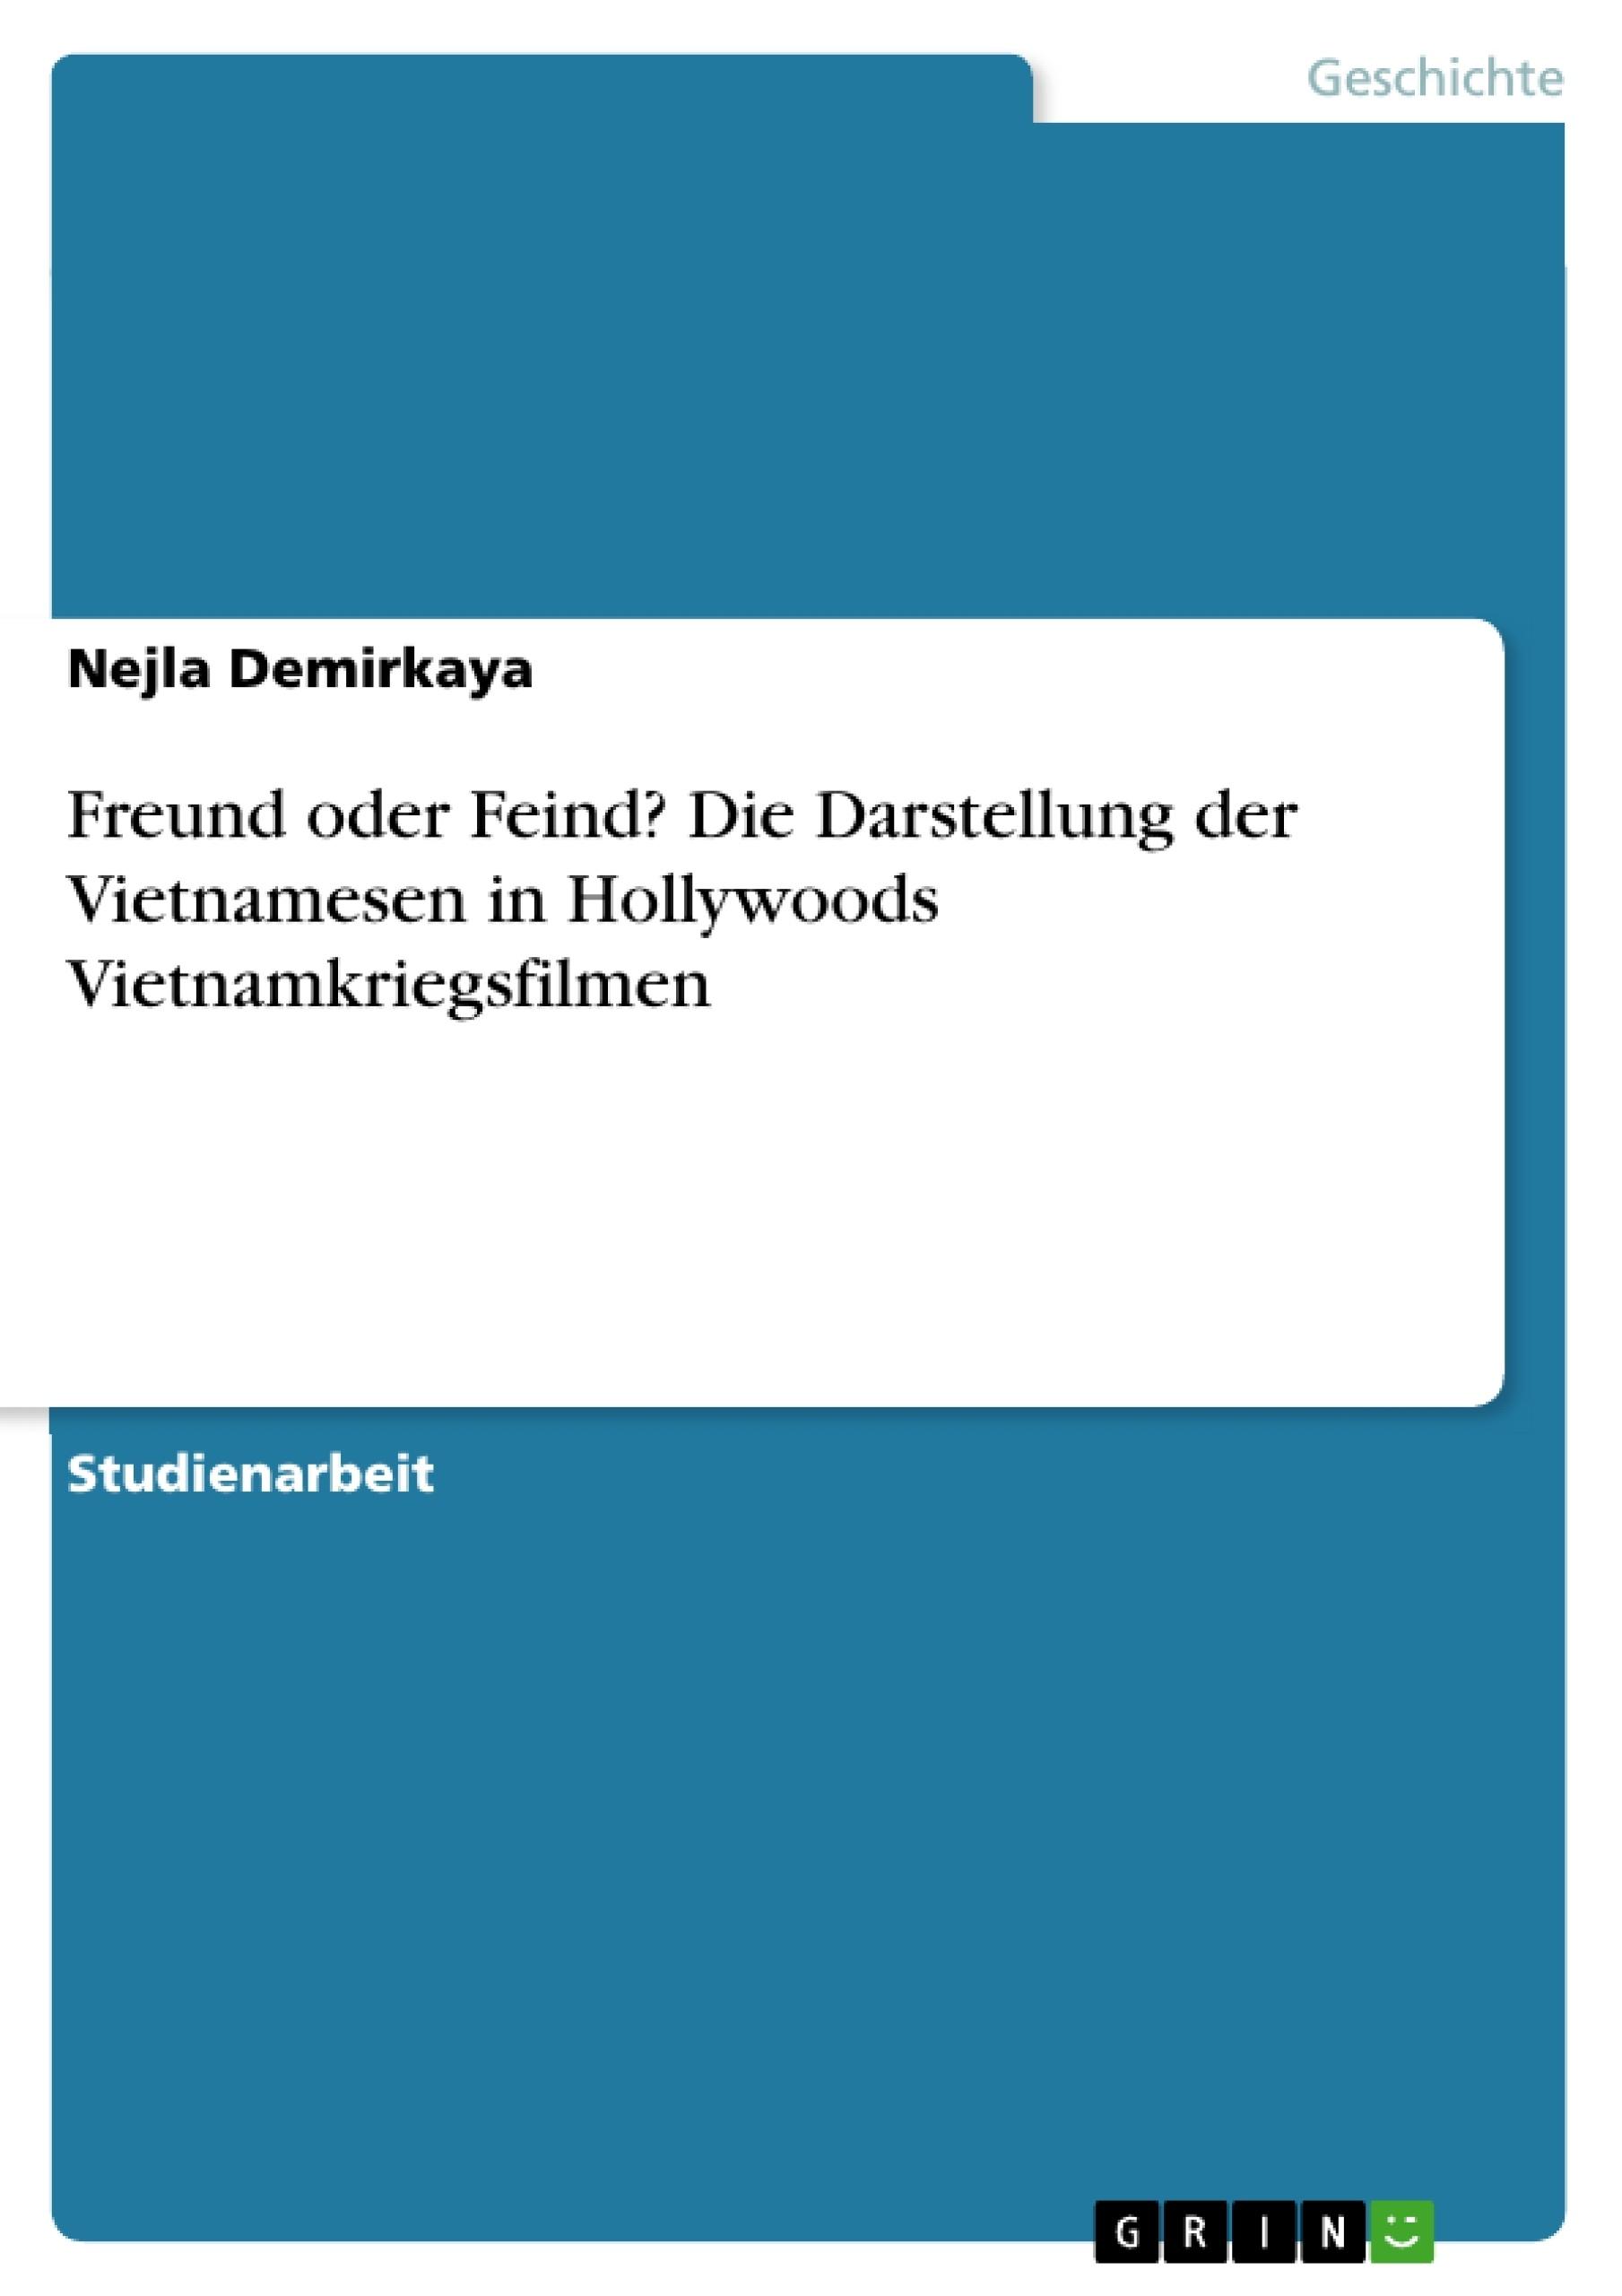 Titel: Freund oder Feind? Die Darstellung der Vietnamesen in Hollywoods Vietnamkriegsfilmen